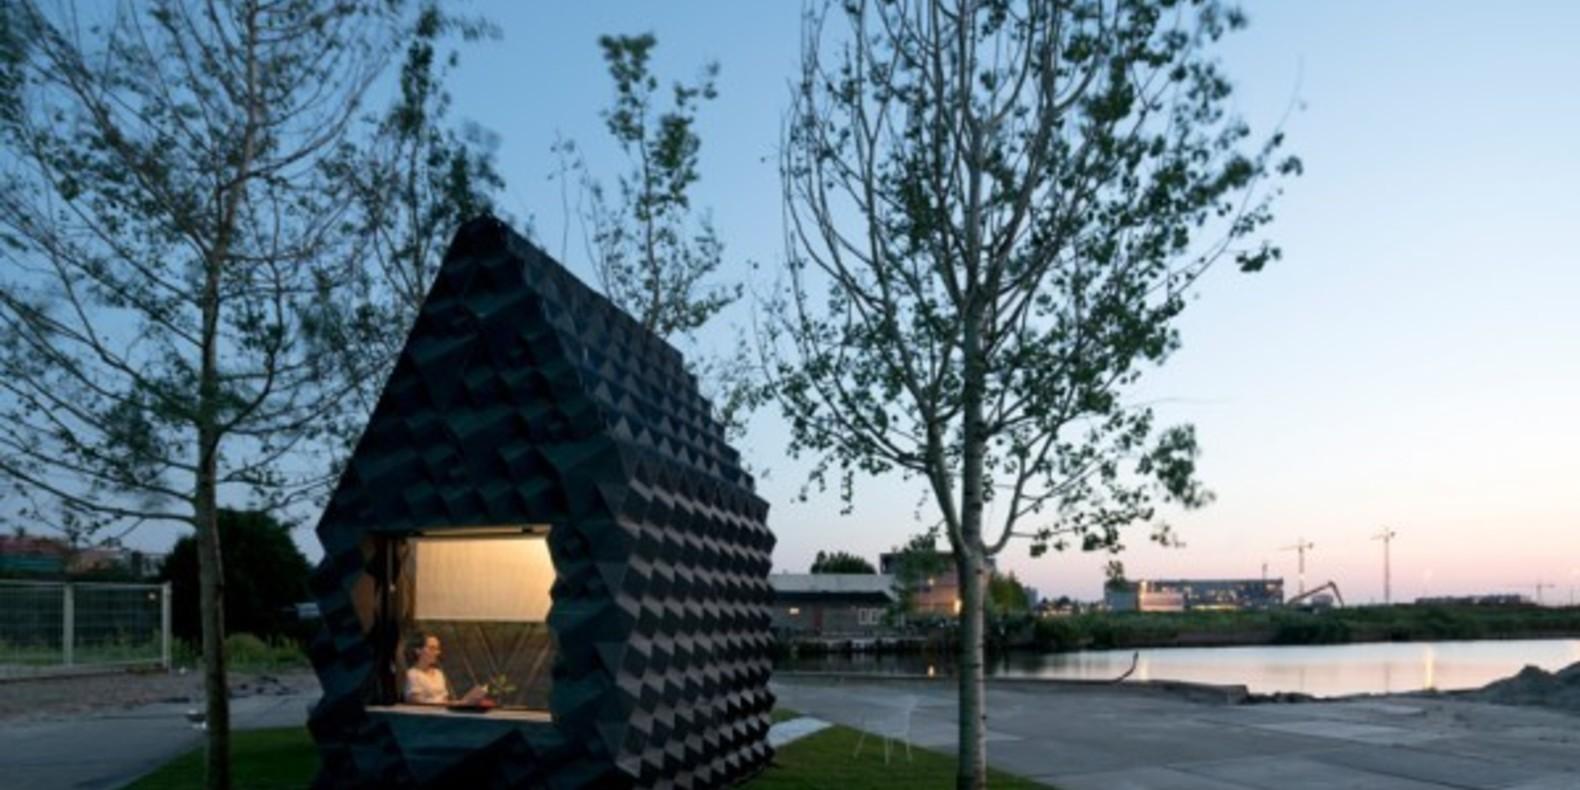 dus-architects-amsterdam-fichier-3d-cults-maison-imprimee-en-3d-7